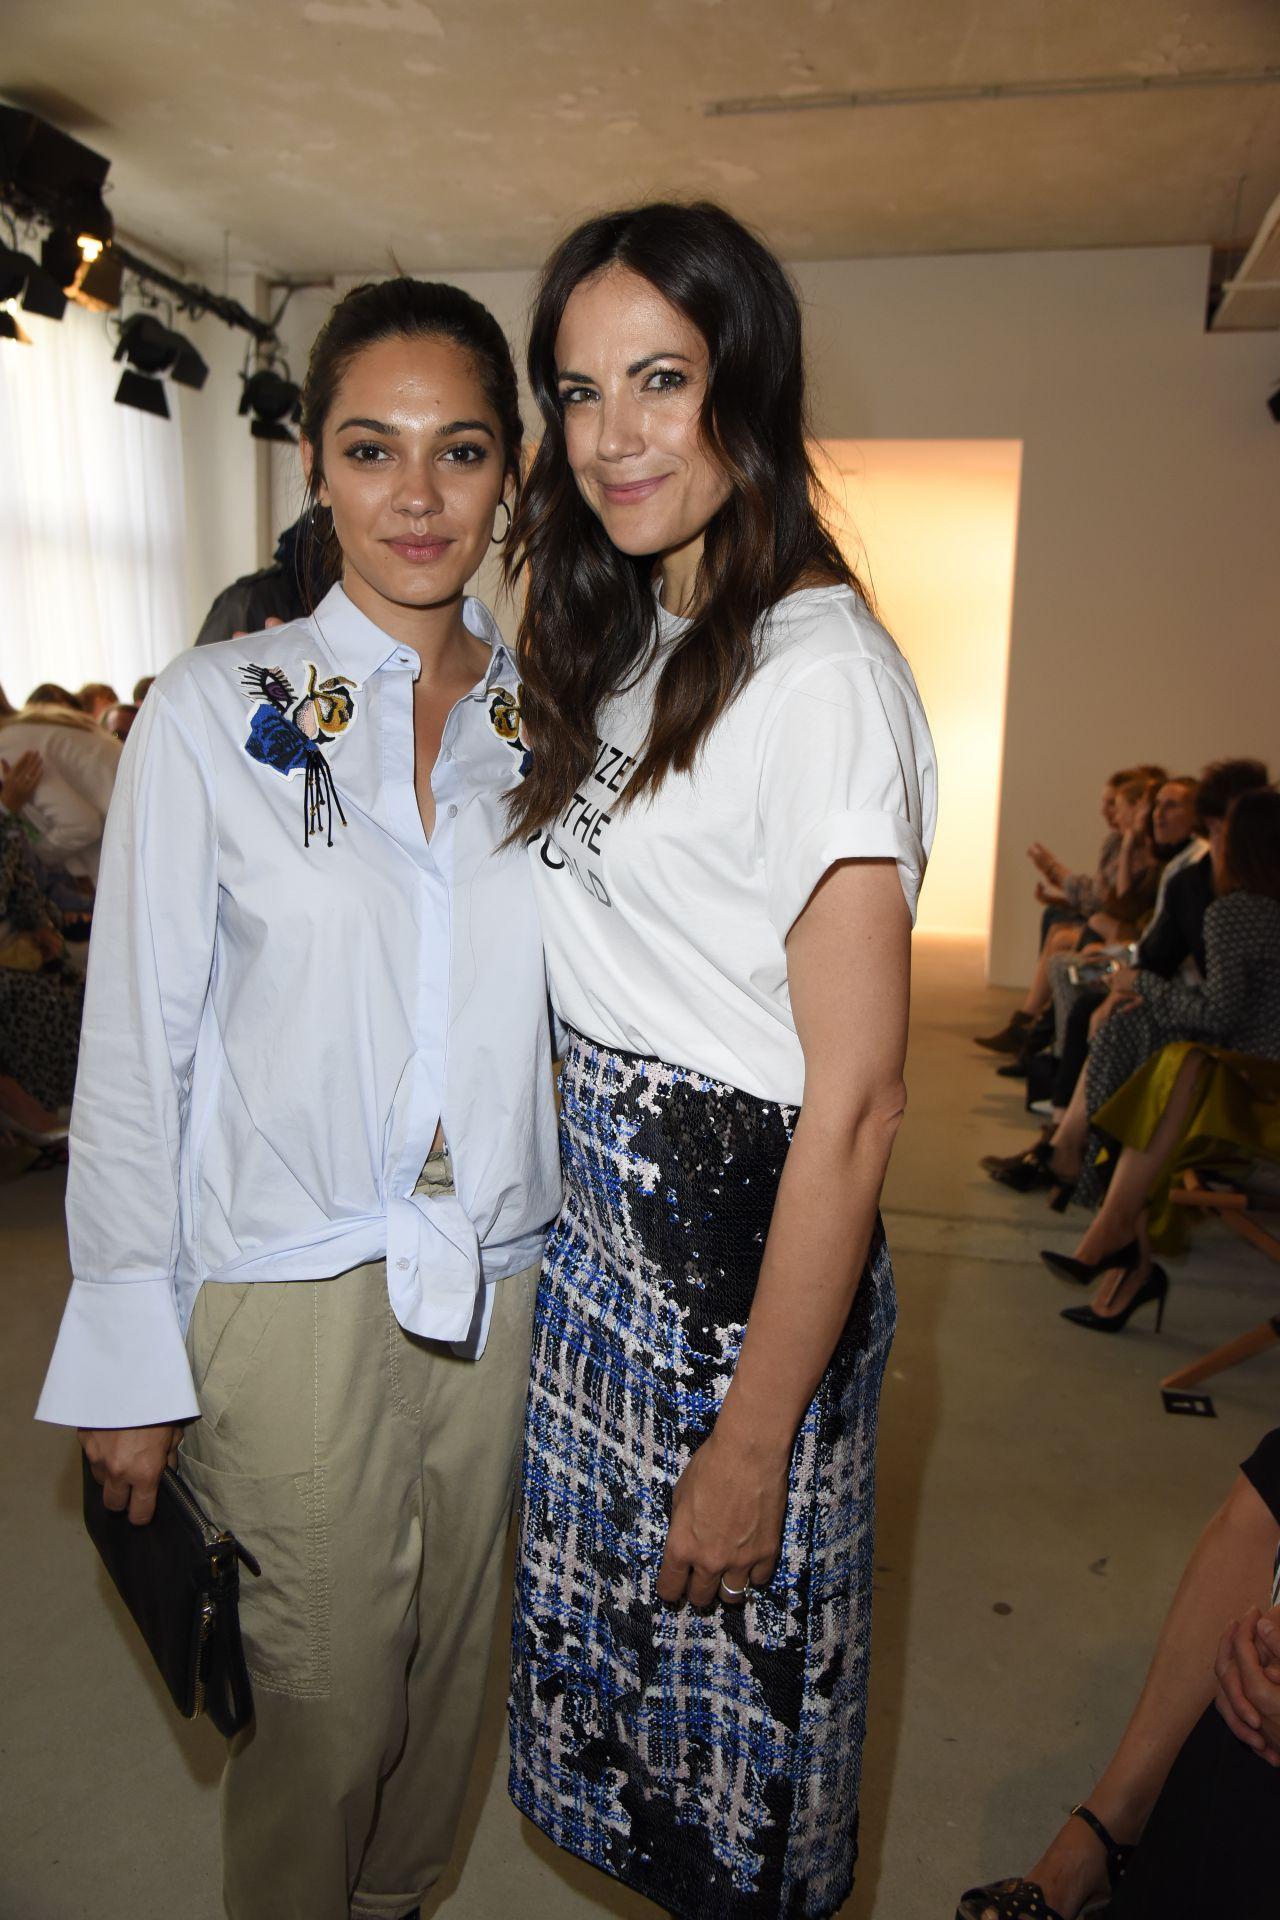 picture Lisa martinek saskia diez dorothee schumacher show mercedes benz fashion week in berlin